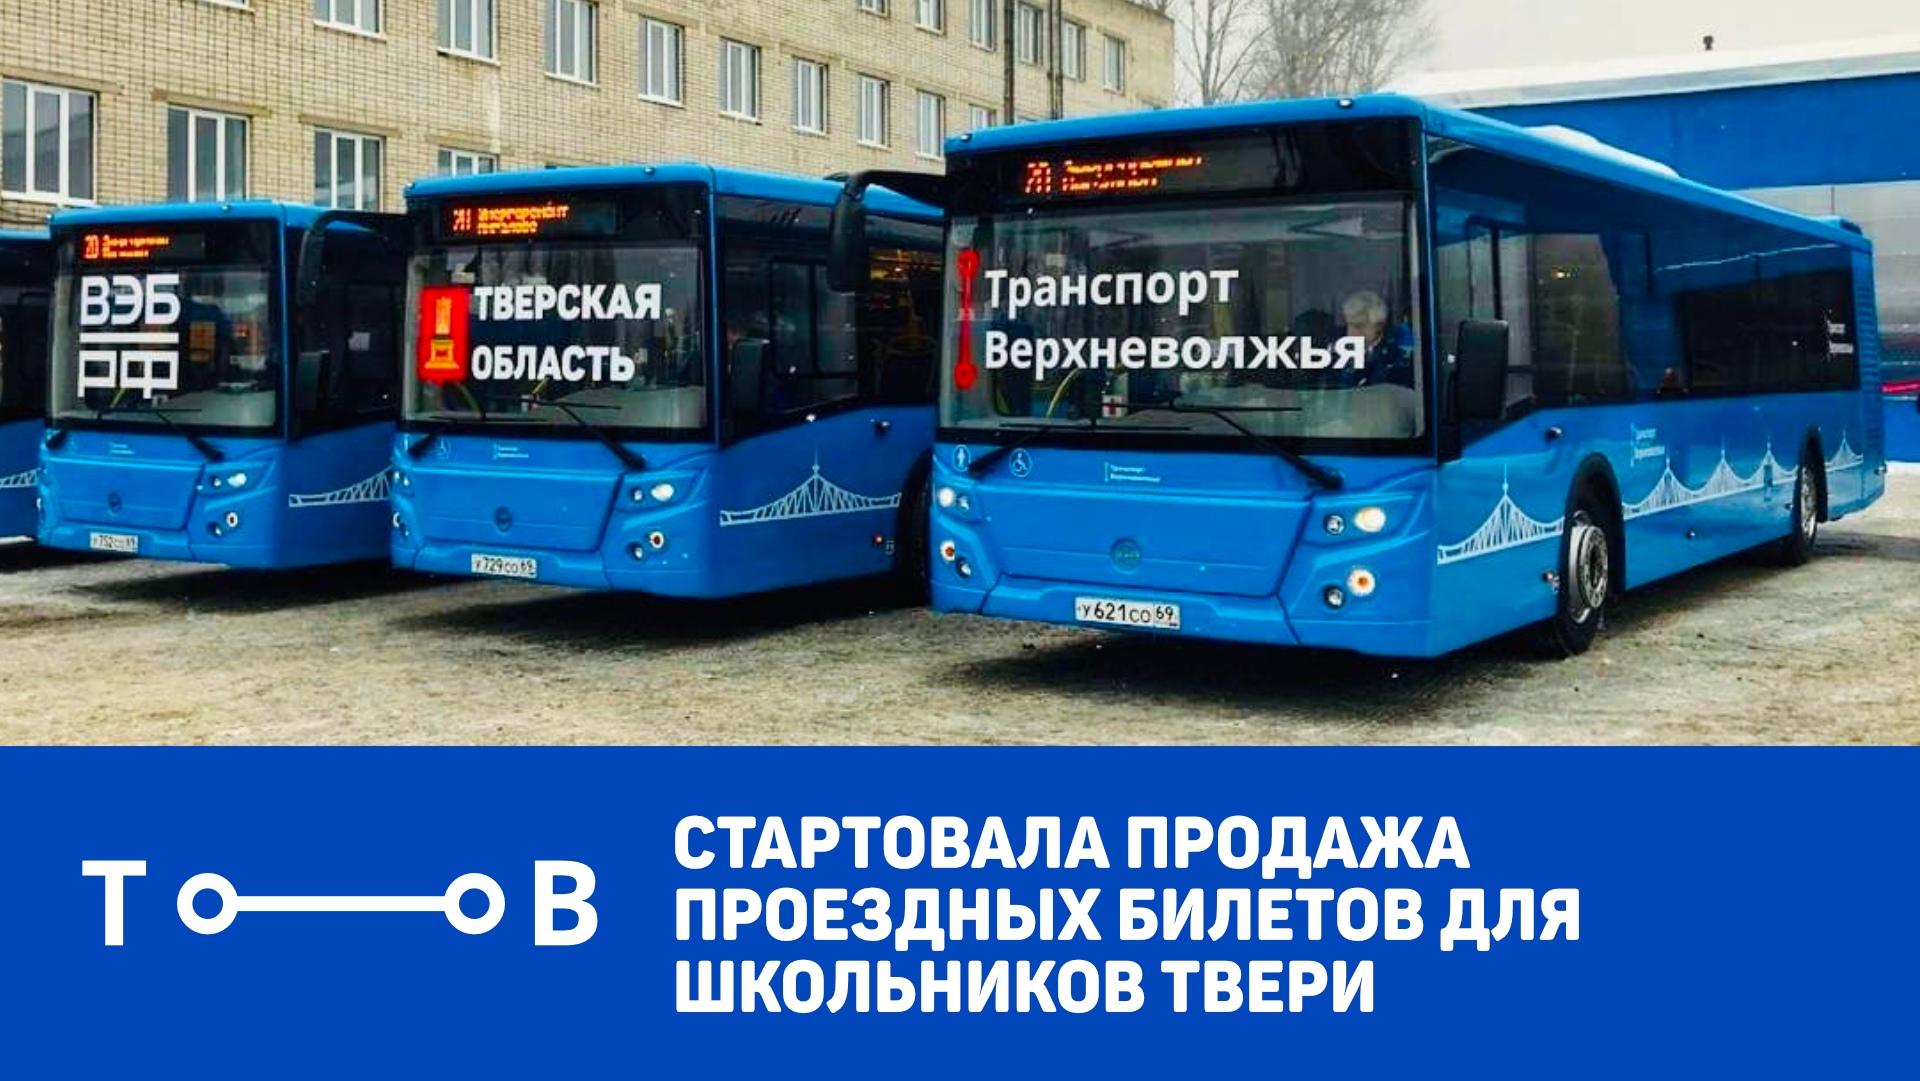 Началась продажа школьных проездных новой транспортной системы Твери